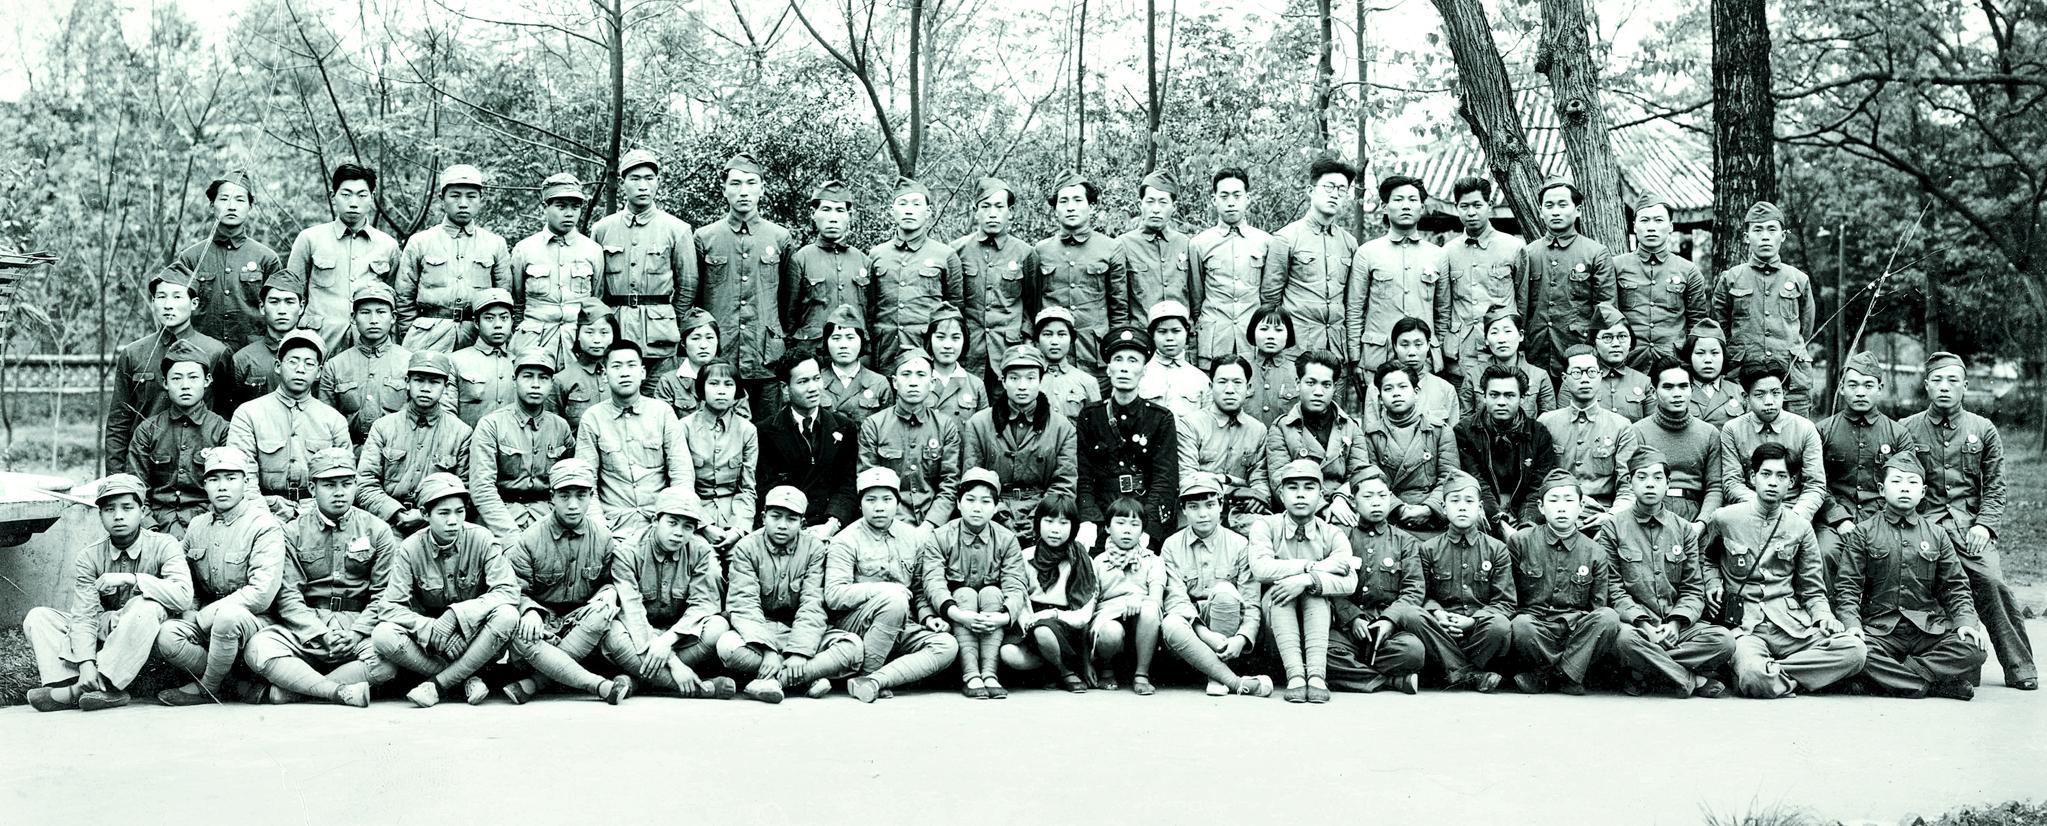 임시정부가 중·일 전쟁 기간에 중국 광시좡족자치구 류저우에서 결성한 '한국광복 진선(陣線) 청년공작대' 소속 대원들이 1939년 4월 4일 충칭으로 떠나면서 사진을 남겼다. 앳된 얼굴의 남녀 대원들은 중국인들을 대상으로 항일 선전 활동을 전개했다. [사진 독립기념관]